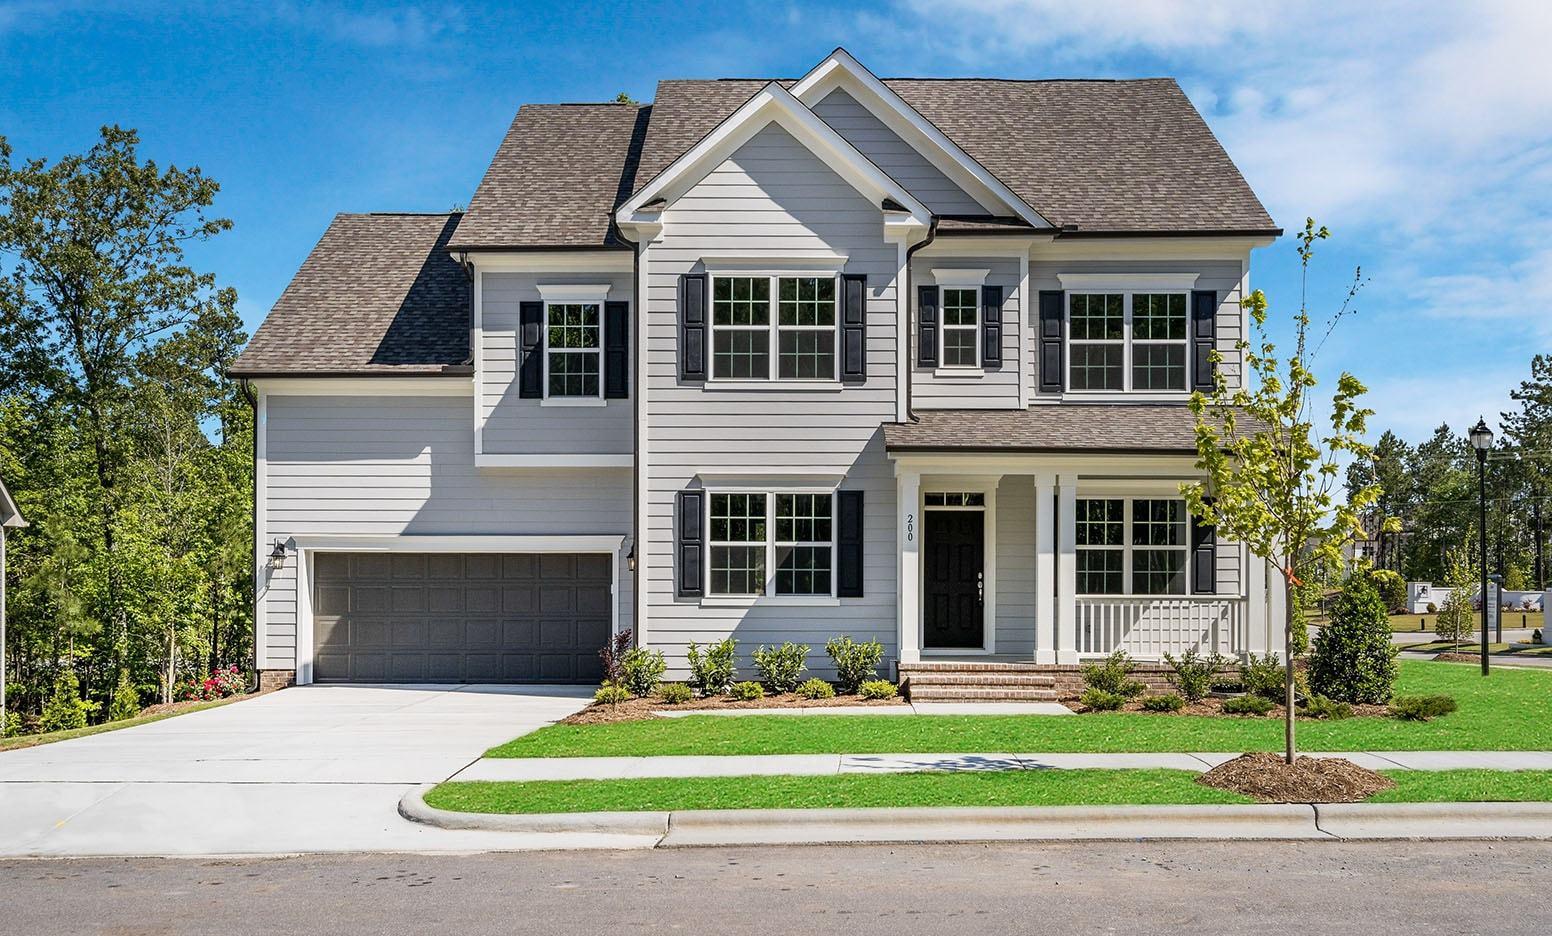 Exterior:200 Silent Bend Dr., Homesite 12 Elevation Image 1